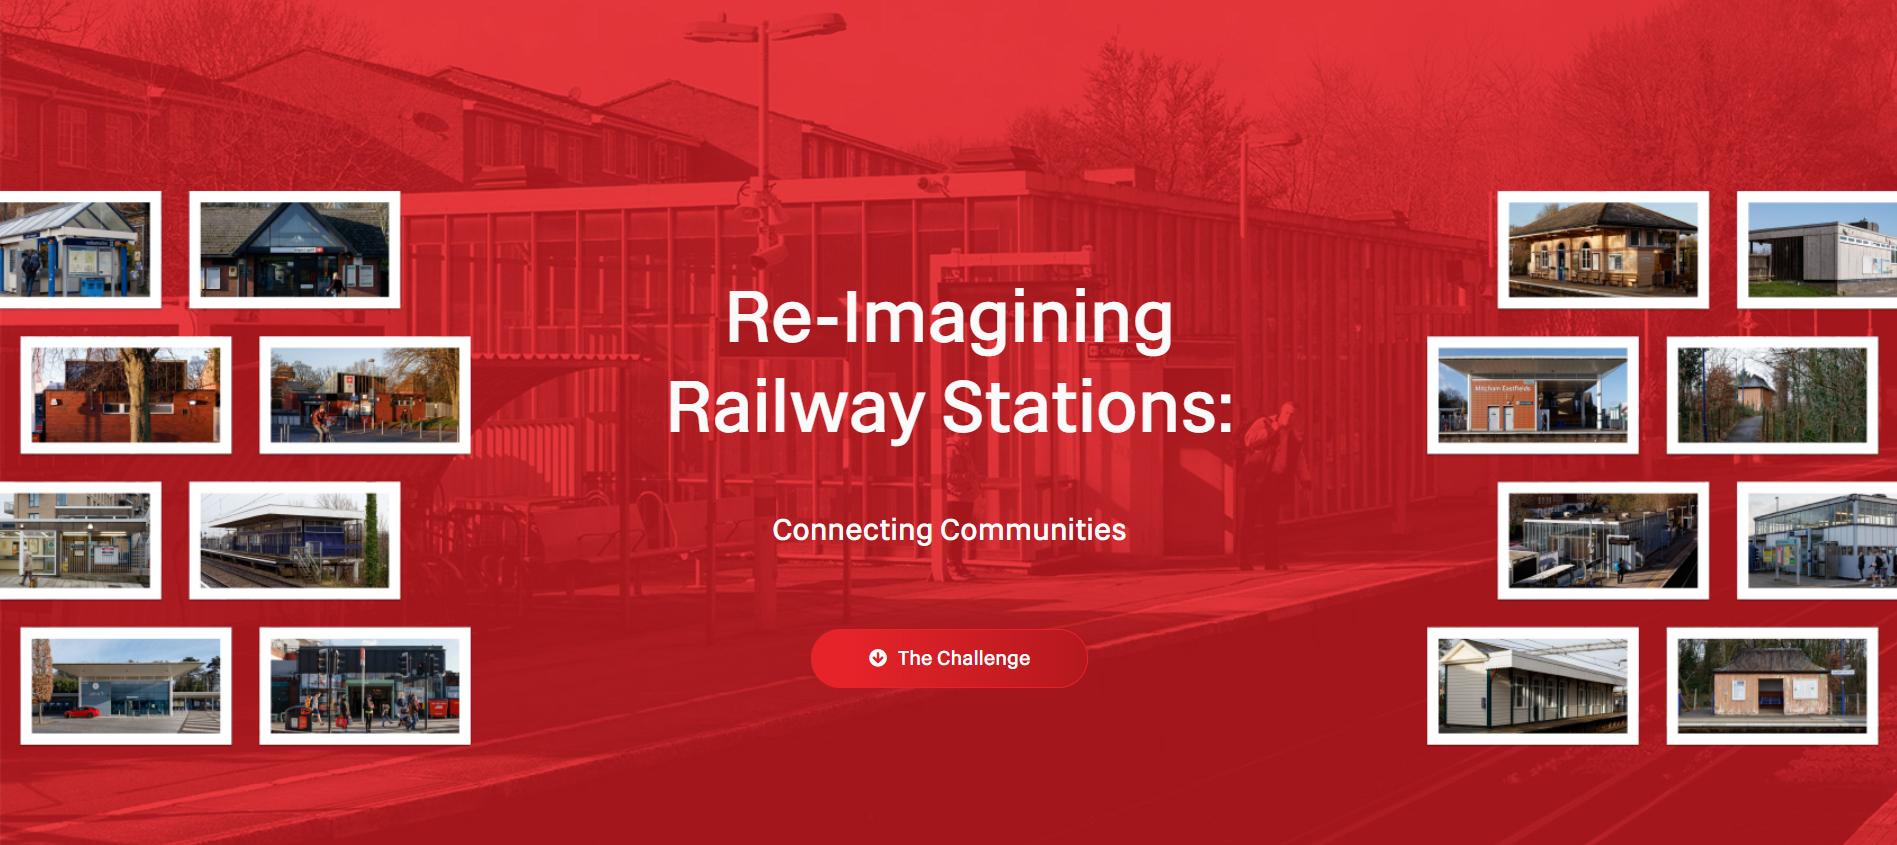 重新构想英国火车站